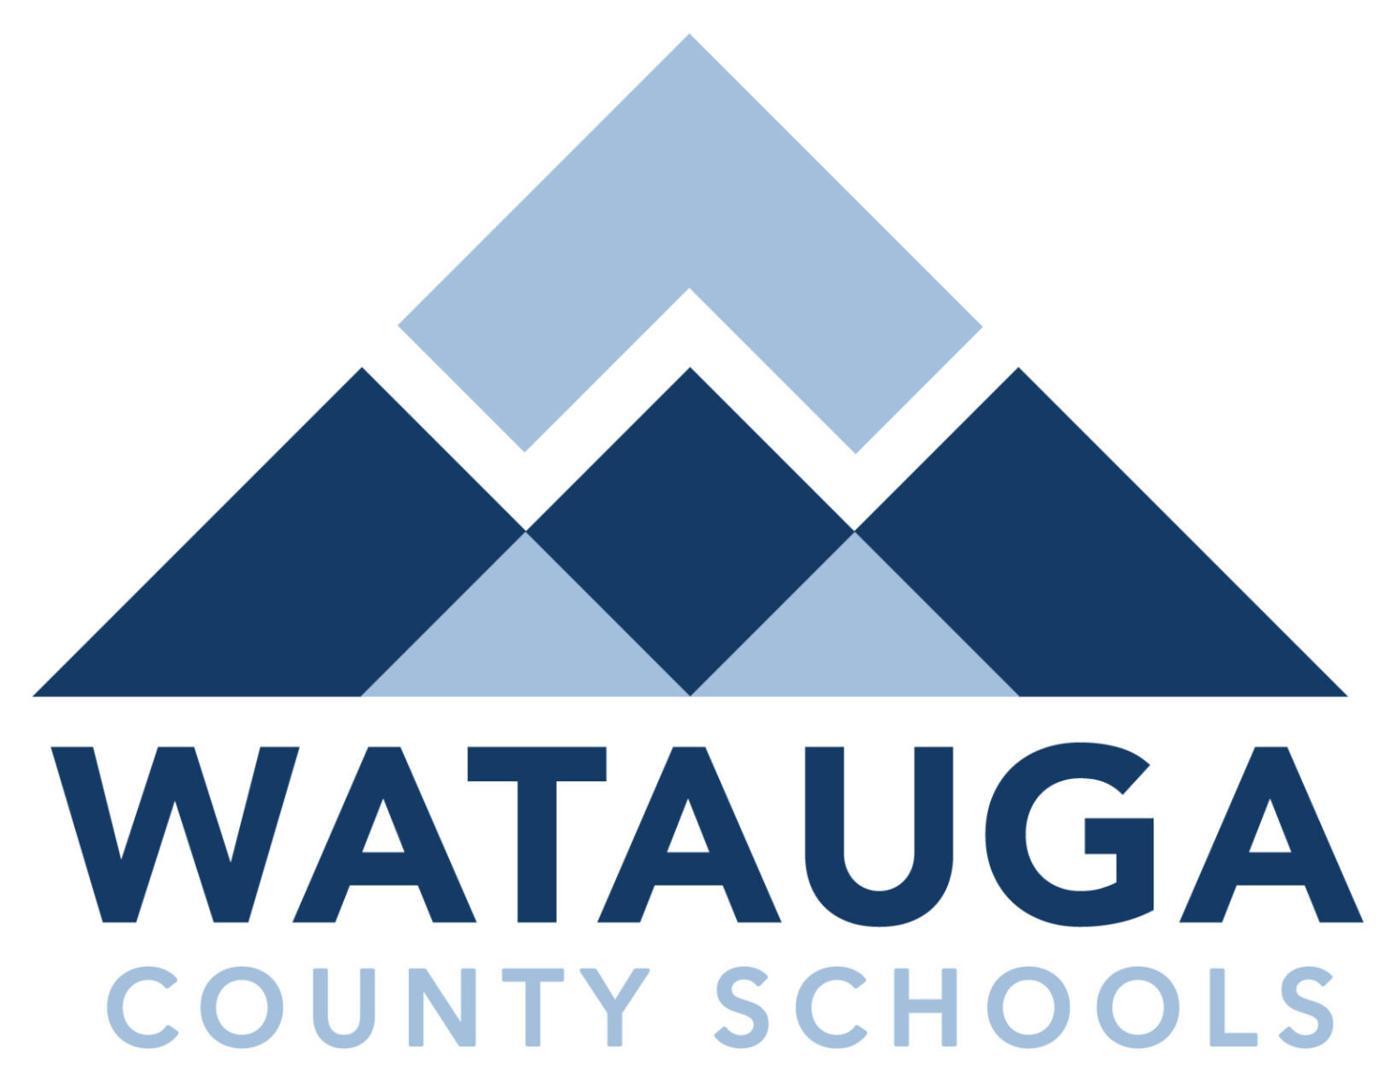 Watauga County Schools logo